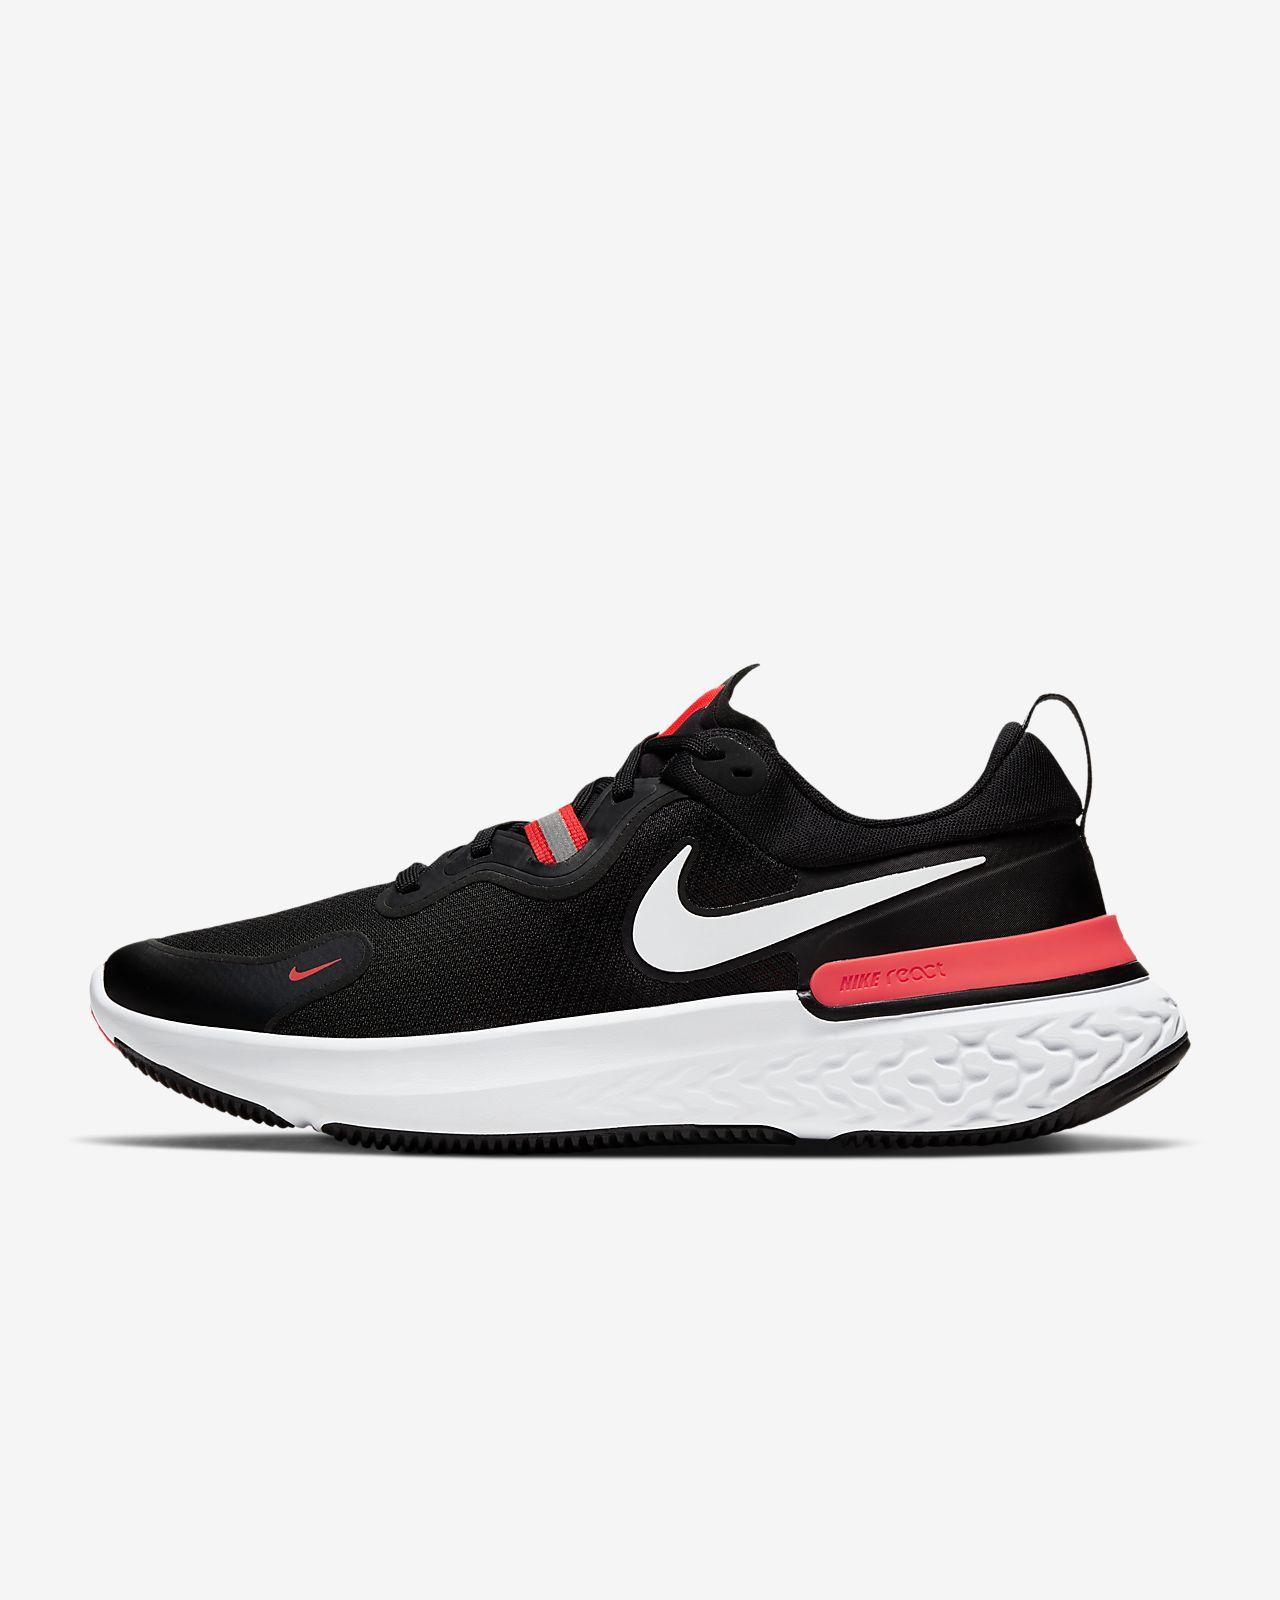 Nike React Miler 男子跑步鞋